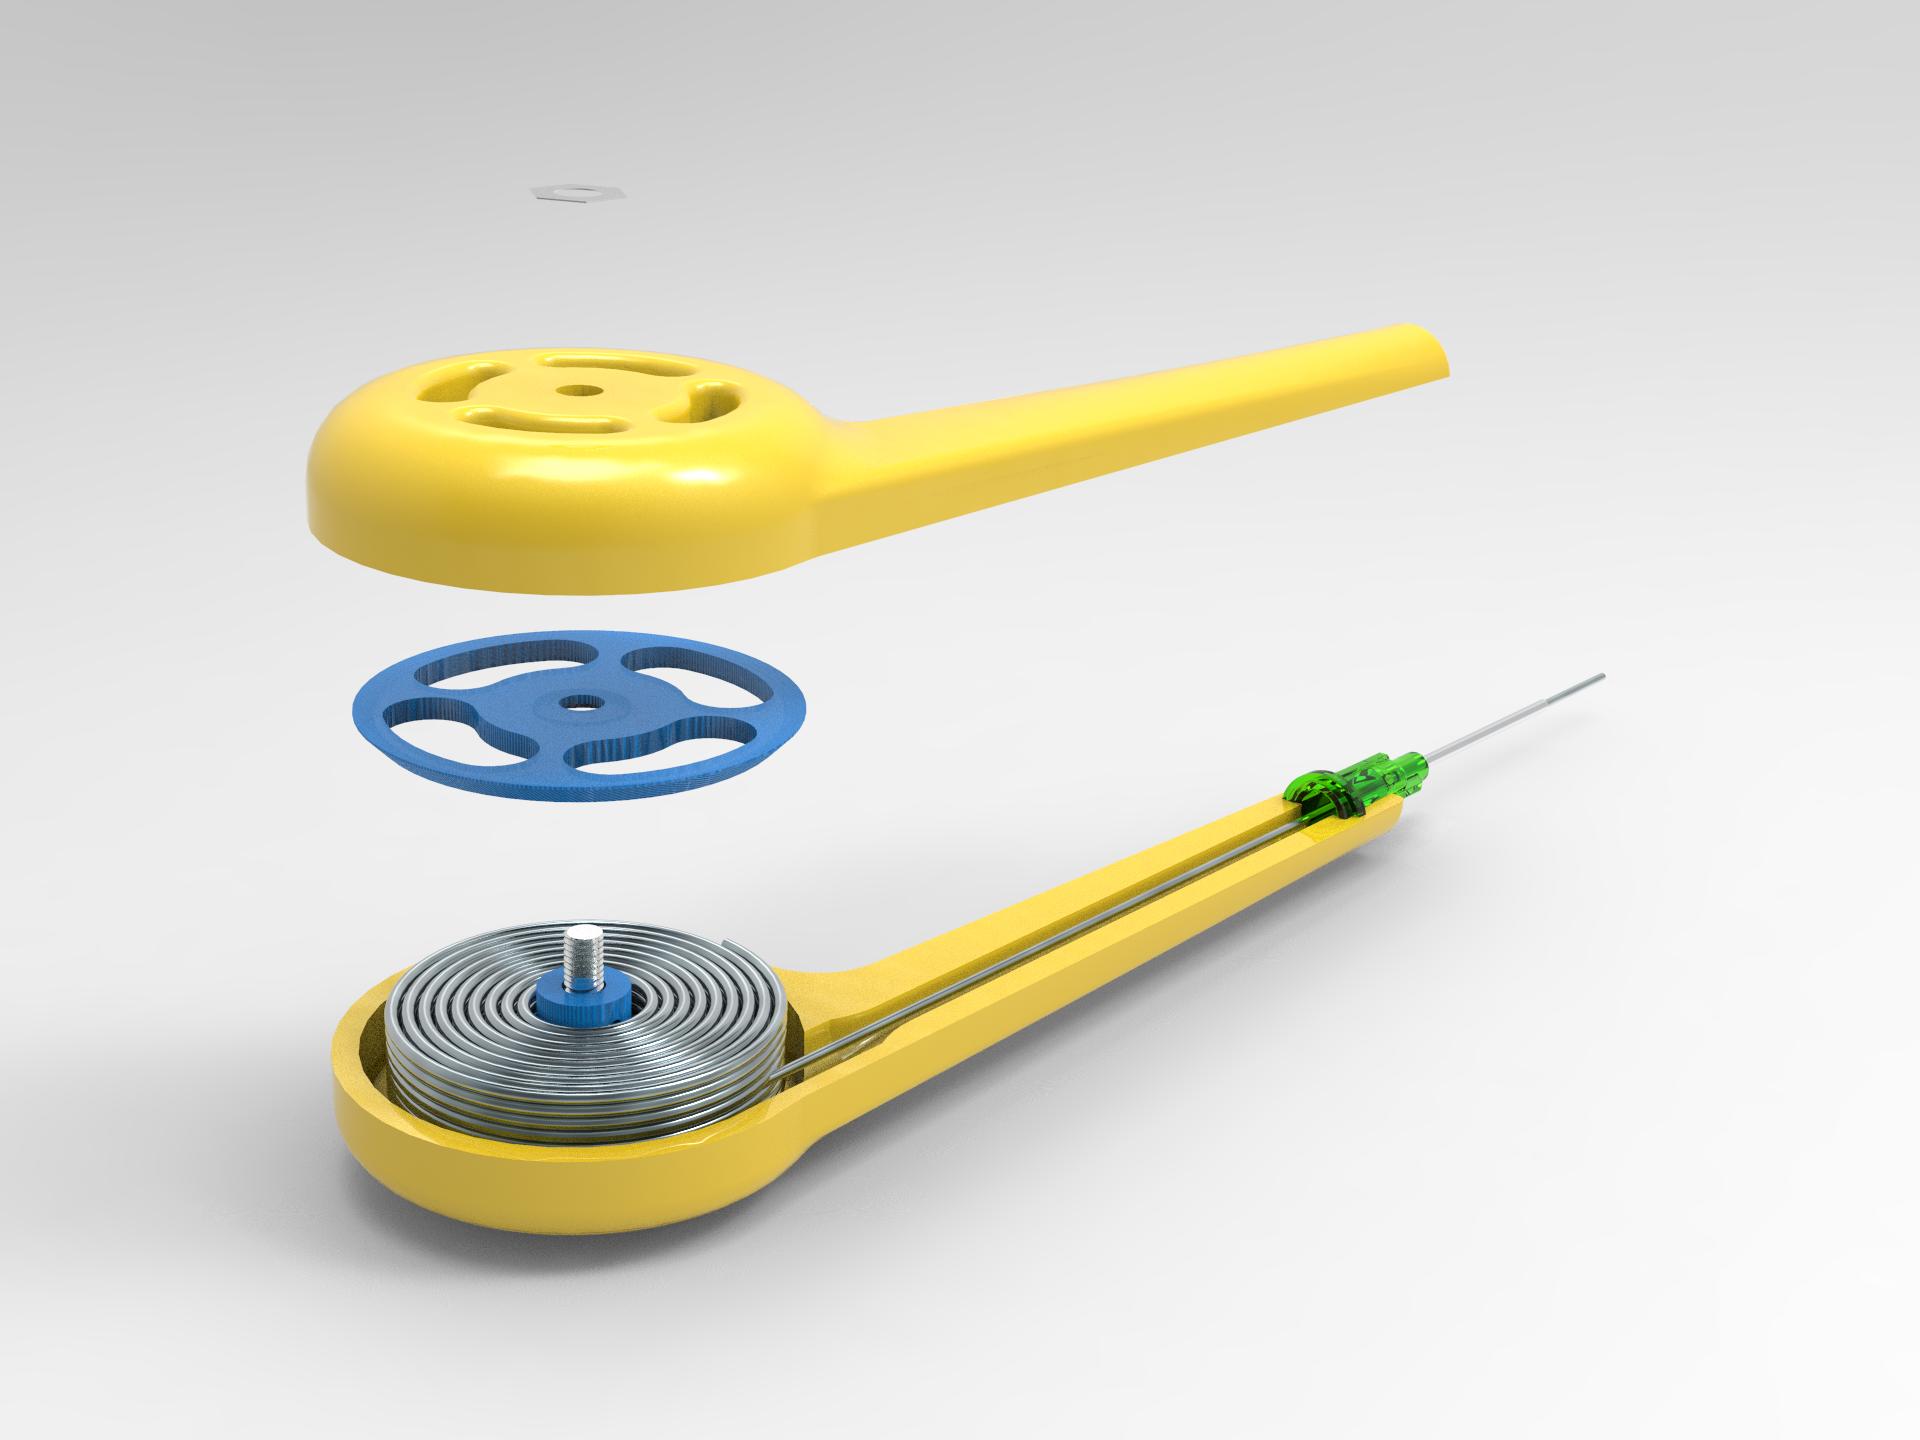 untitled.84.png Download free STL file Solder feeder • 3D printable design, Ruvimkub